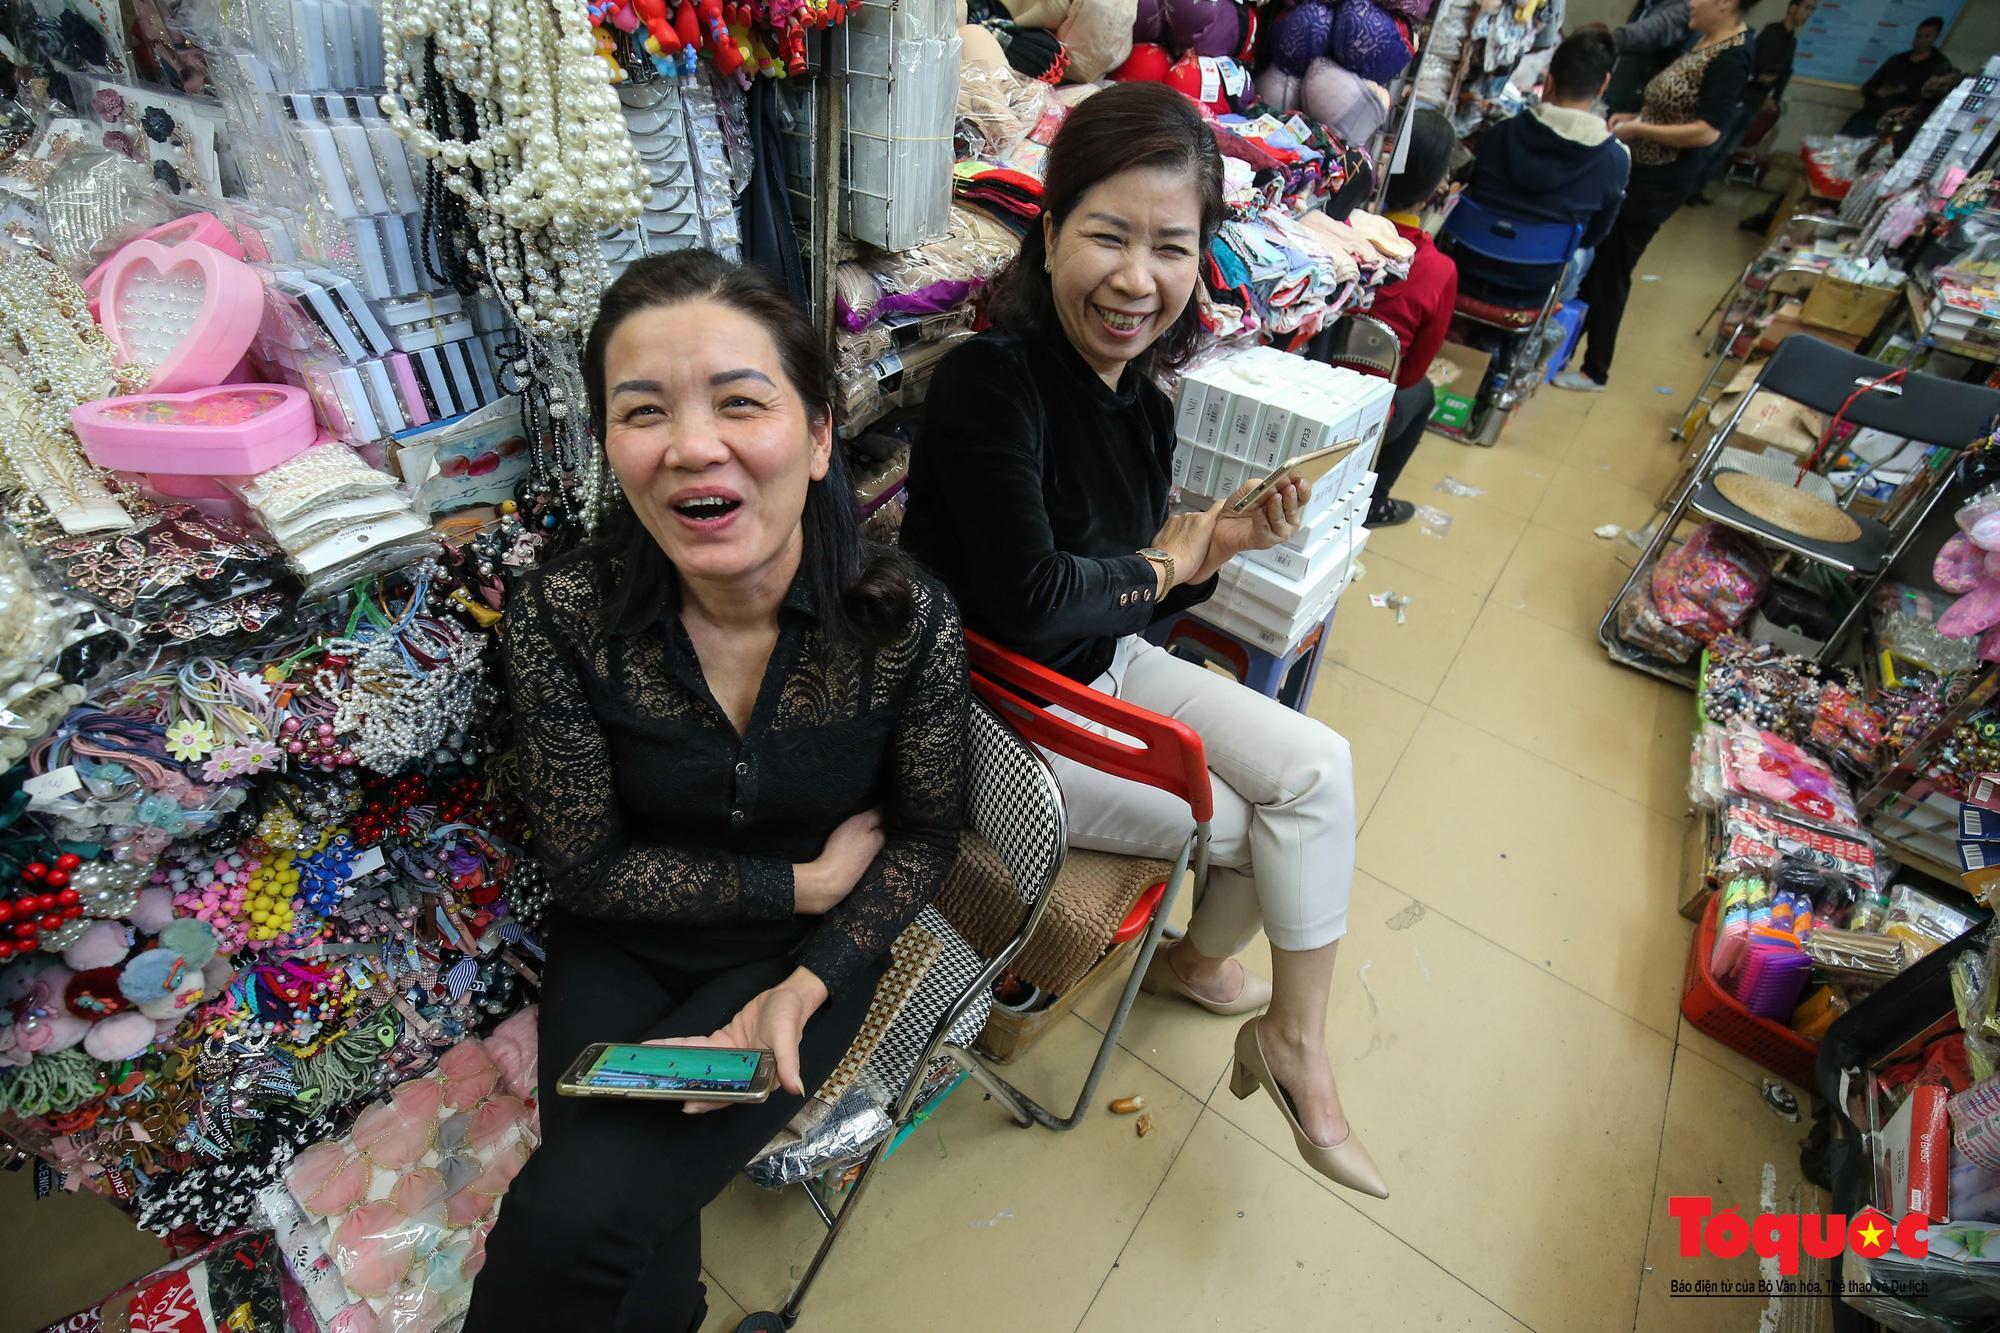 Hà Nội: Tình yêu bóng đá mãnh liệt của những tiểu thương khu chợ hơn trăm tuổi - Ảnh 7.